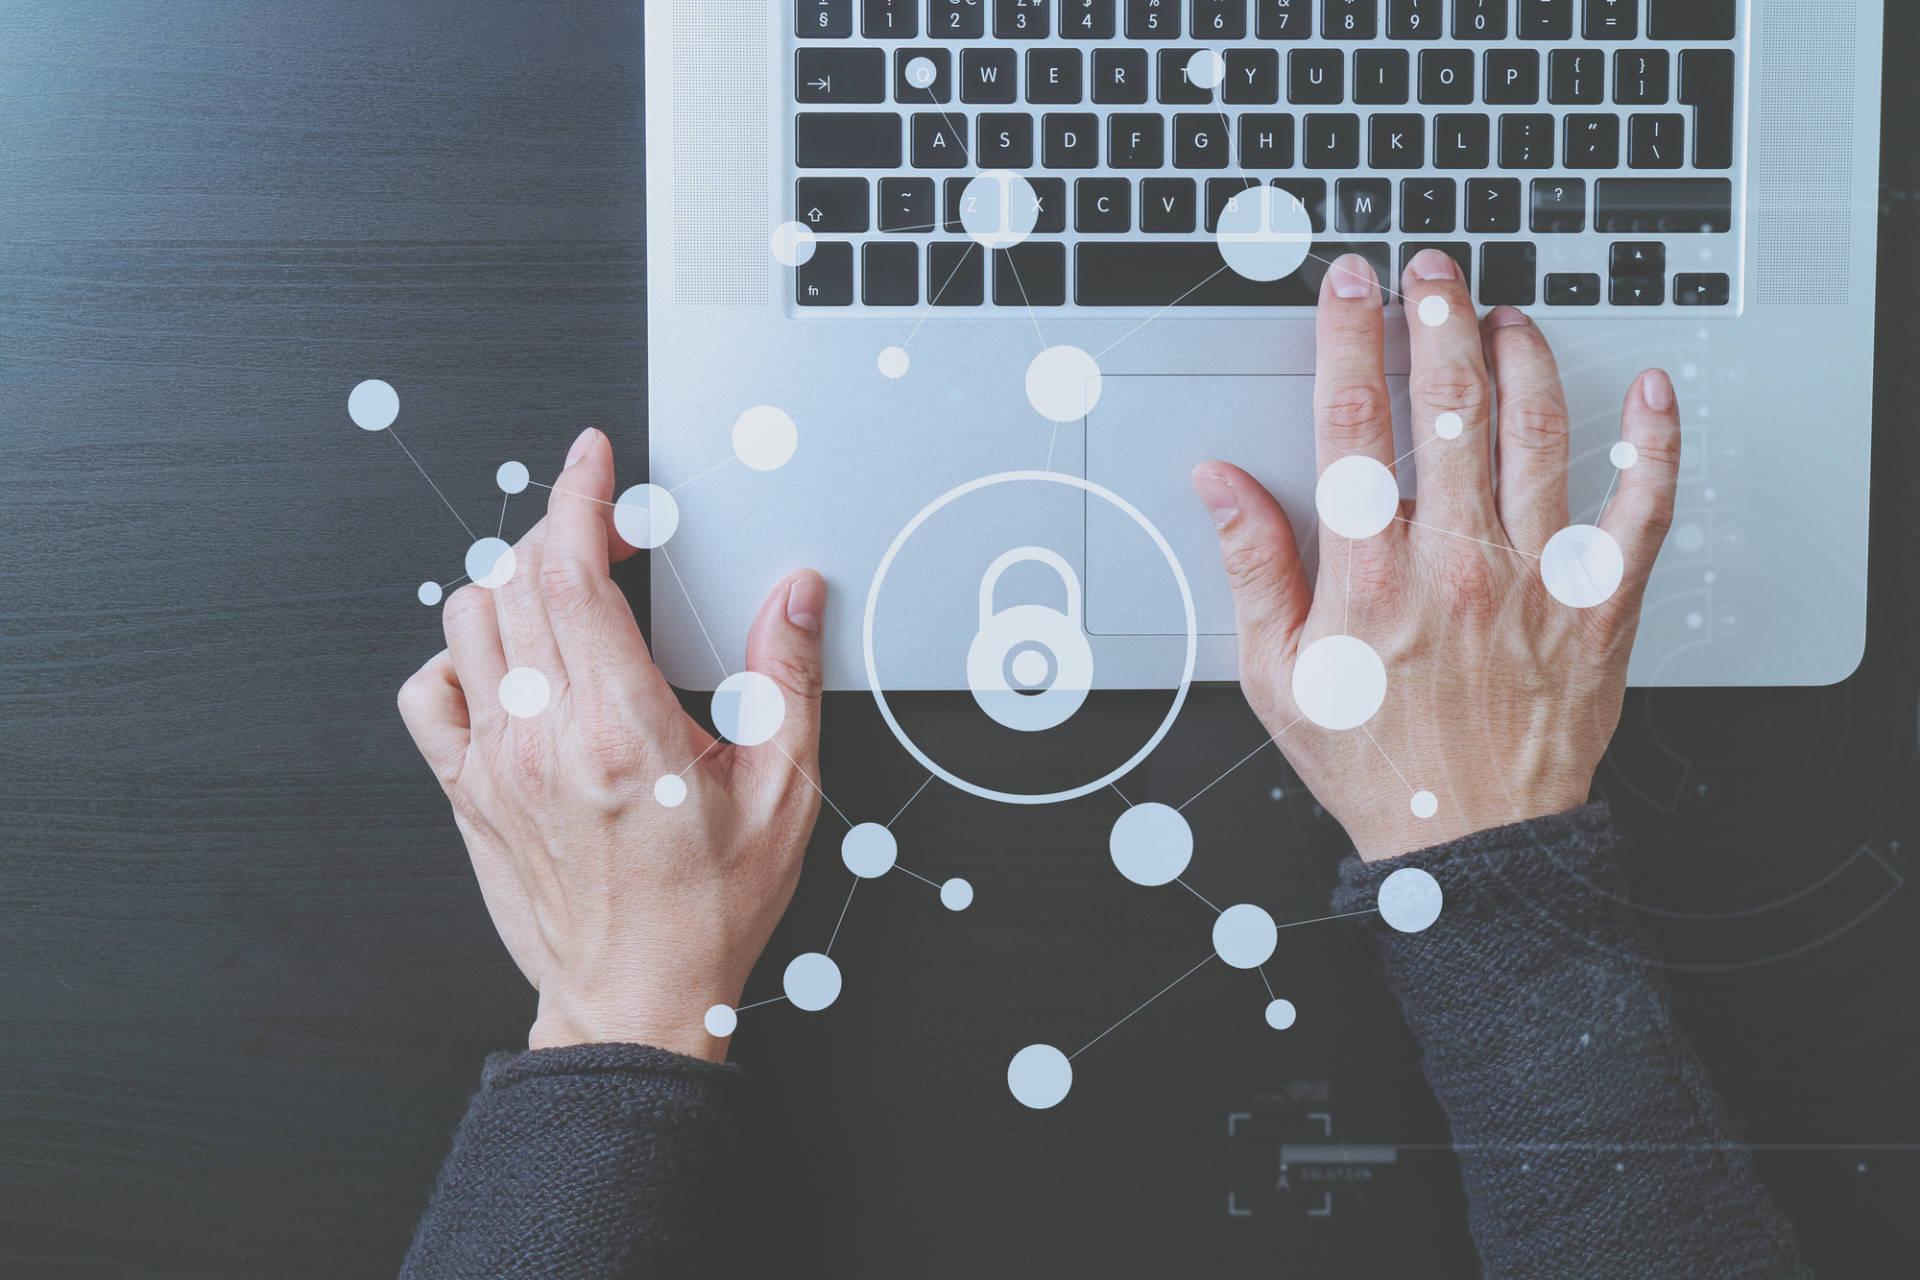 Cyber security, come funziona la sicurezza informatica?